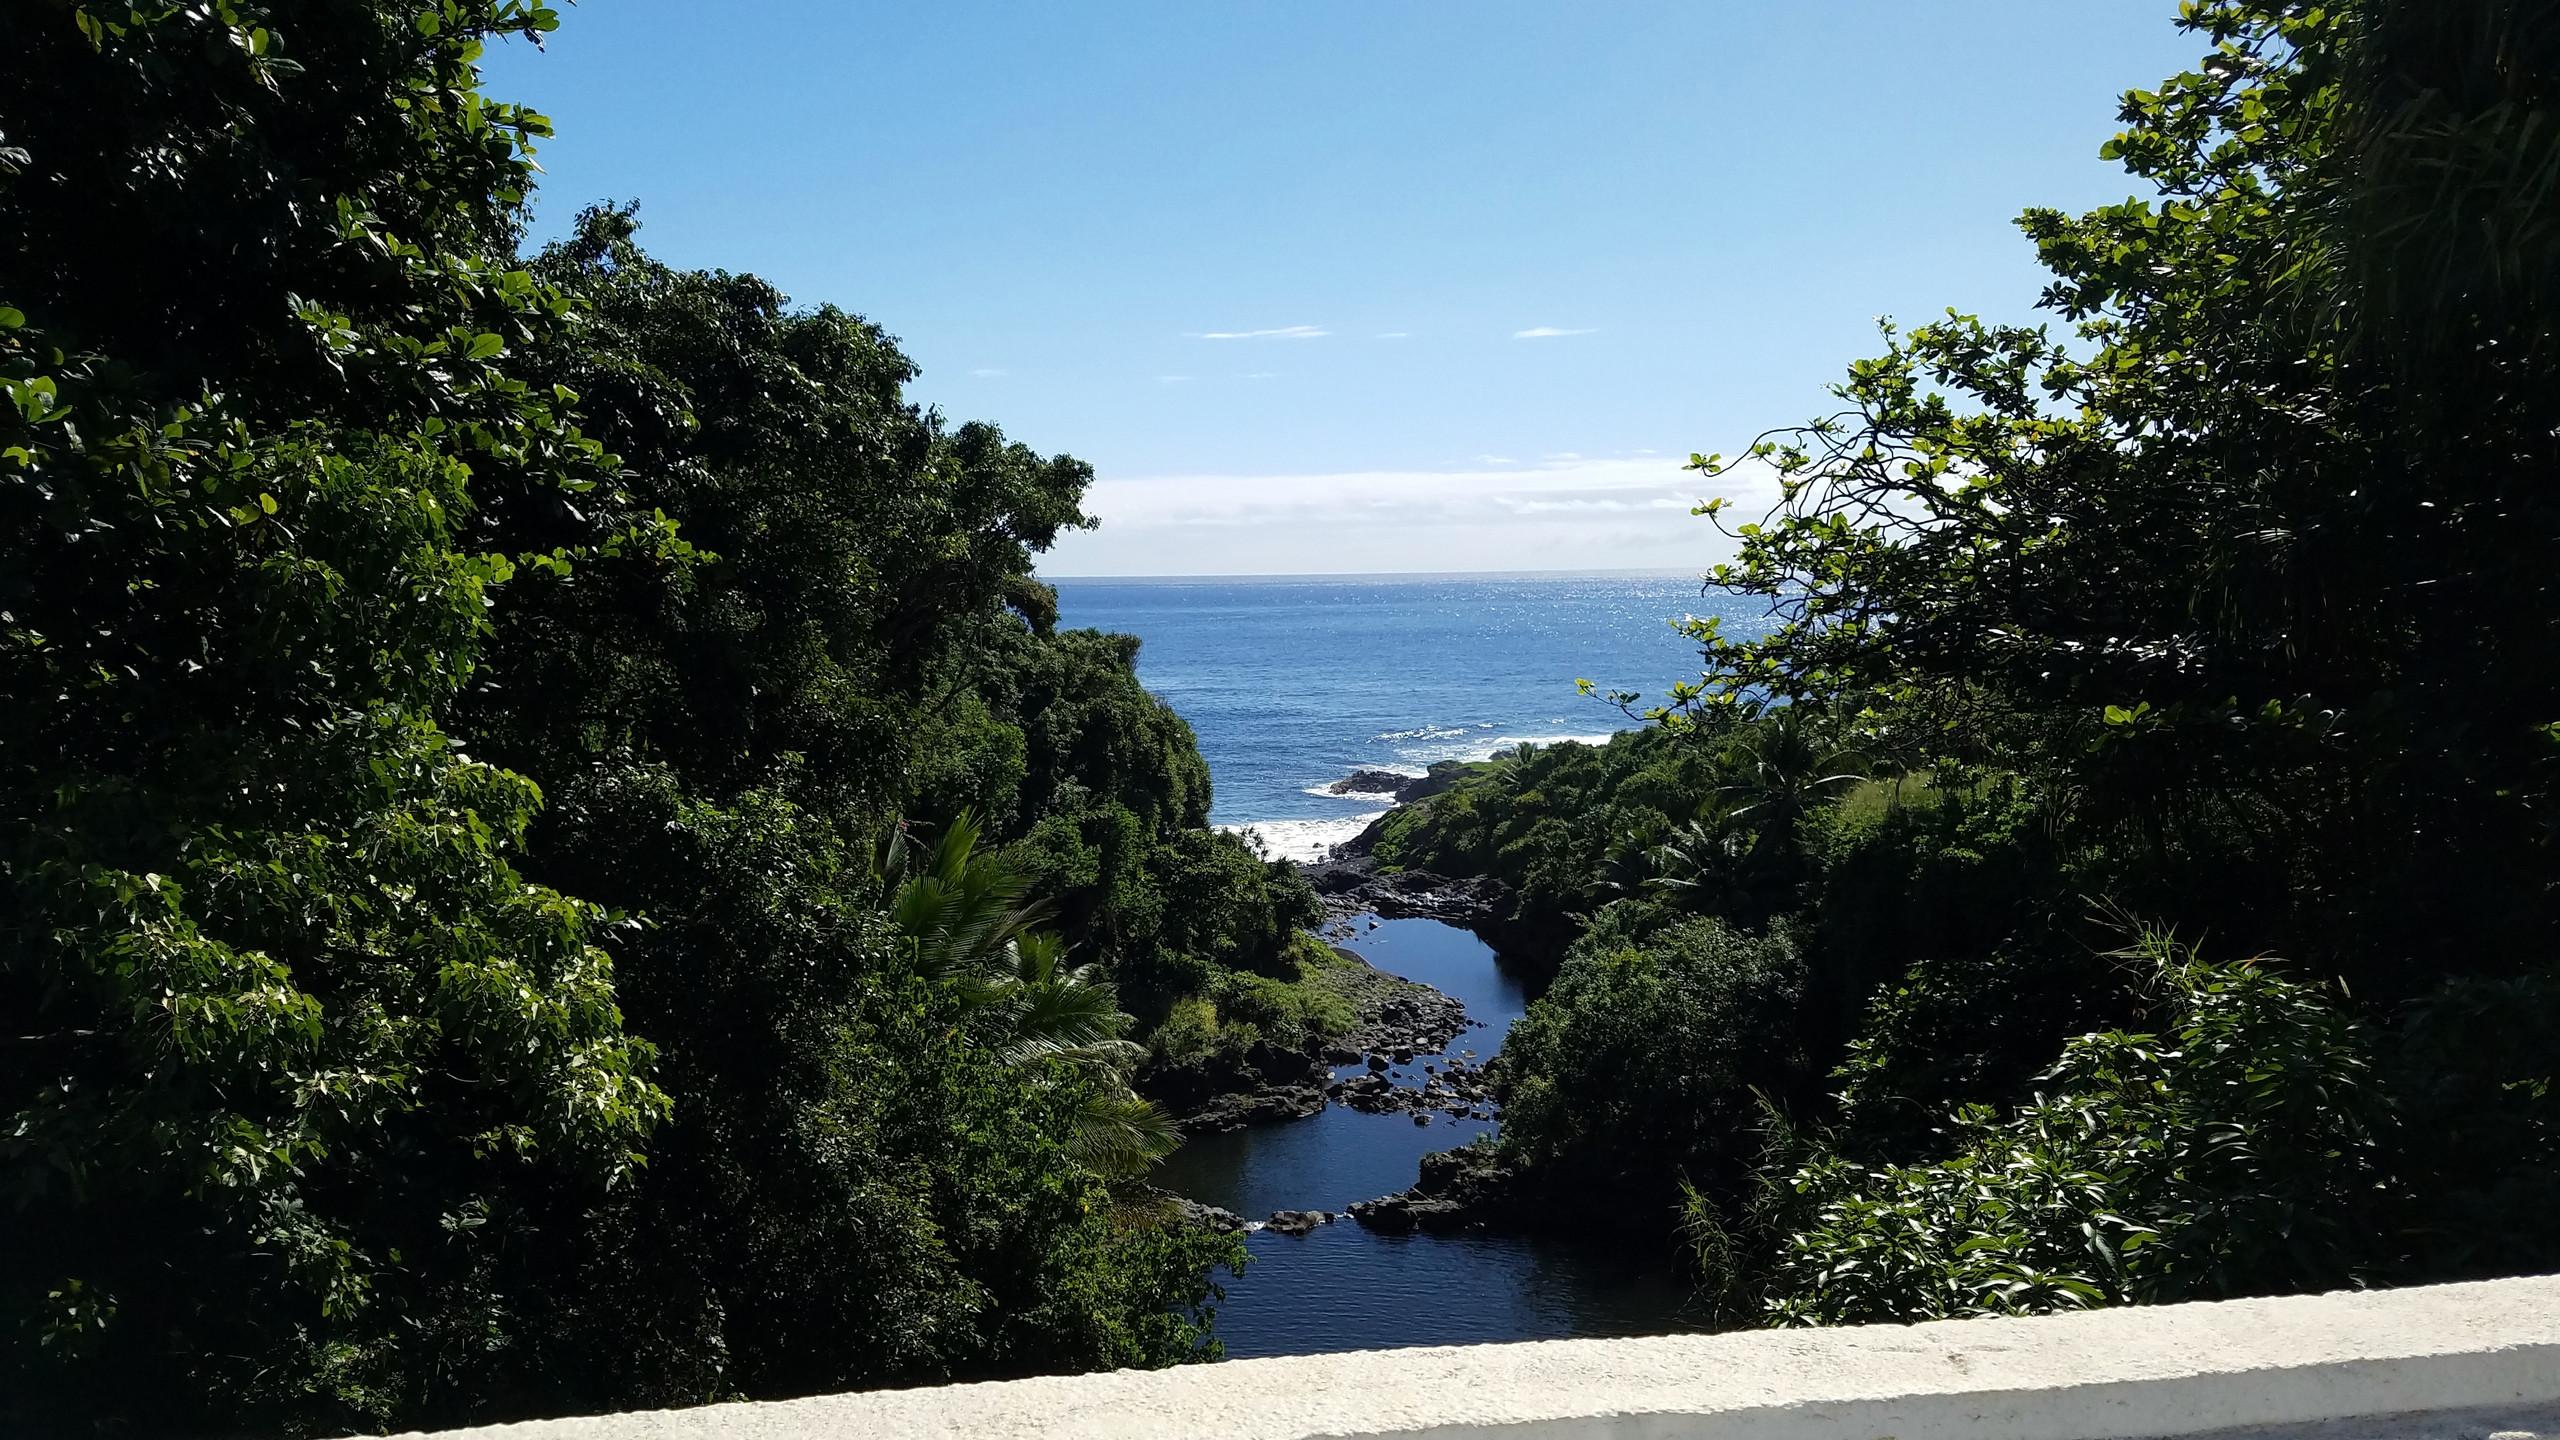 Hana Hwy, Maui HI